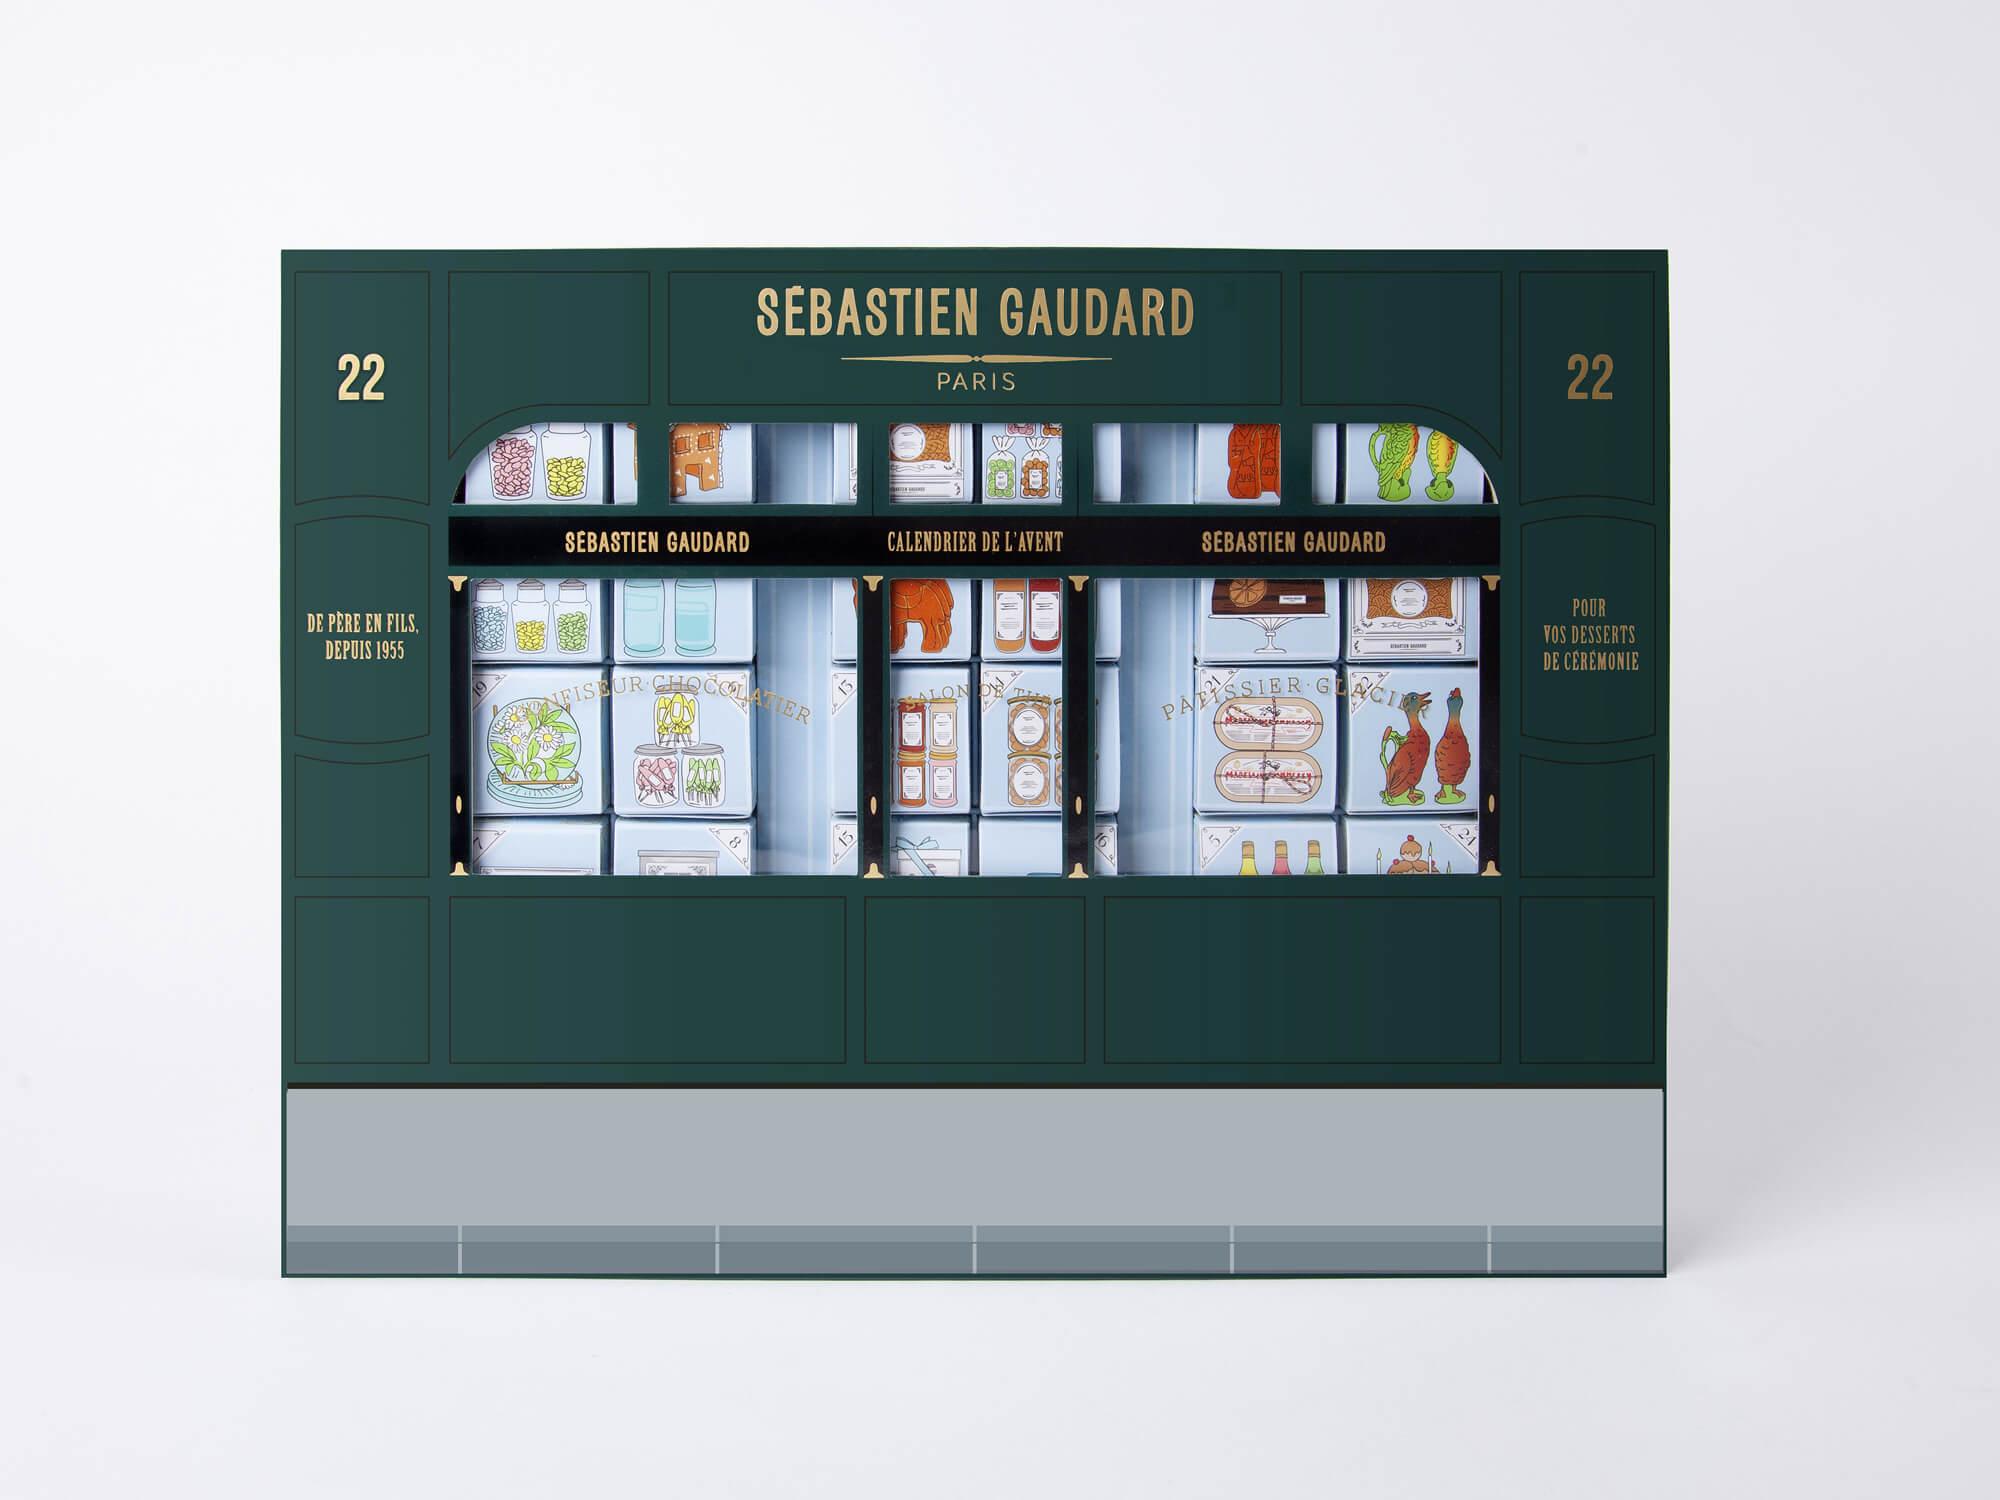 Le calendrier de l'avent graphique de Sébastien Gaudard, reprend la façade emblématique de la pâtisserie des martyrs, un calendrier de l'avent d'exception à offrir. par le studio ich&Kar